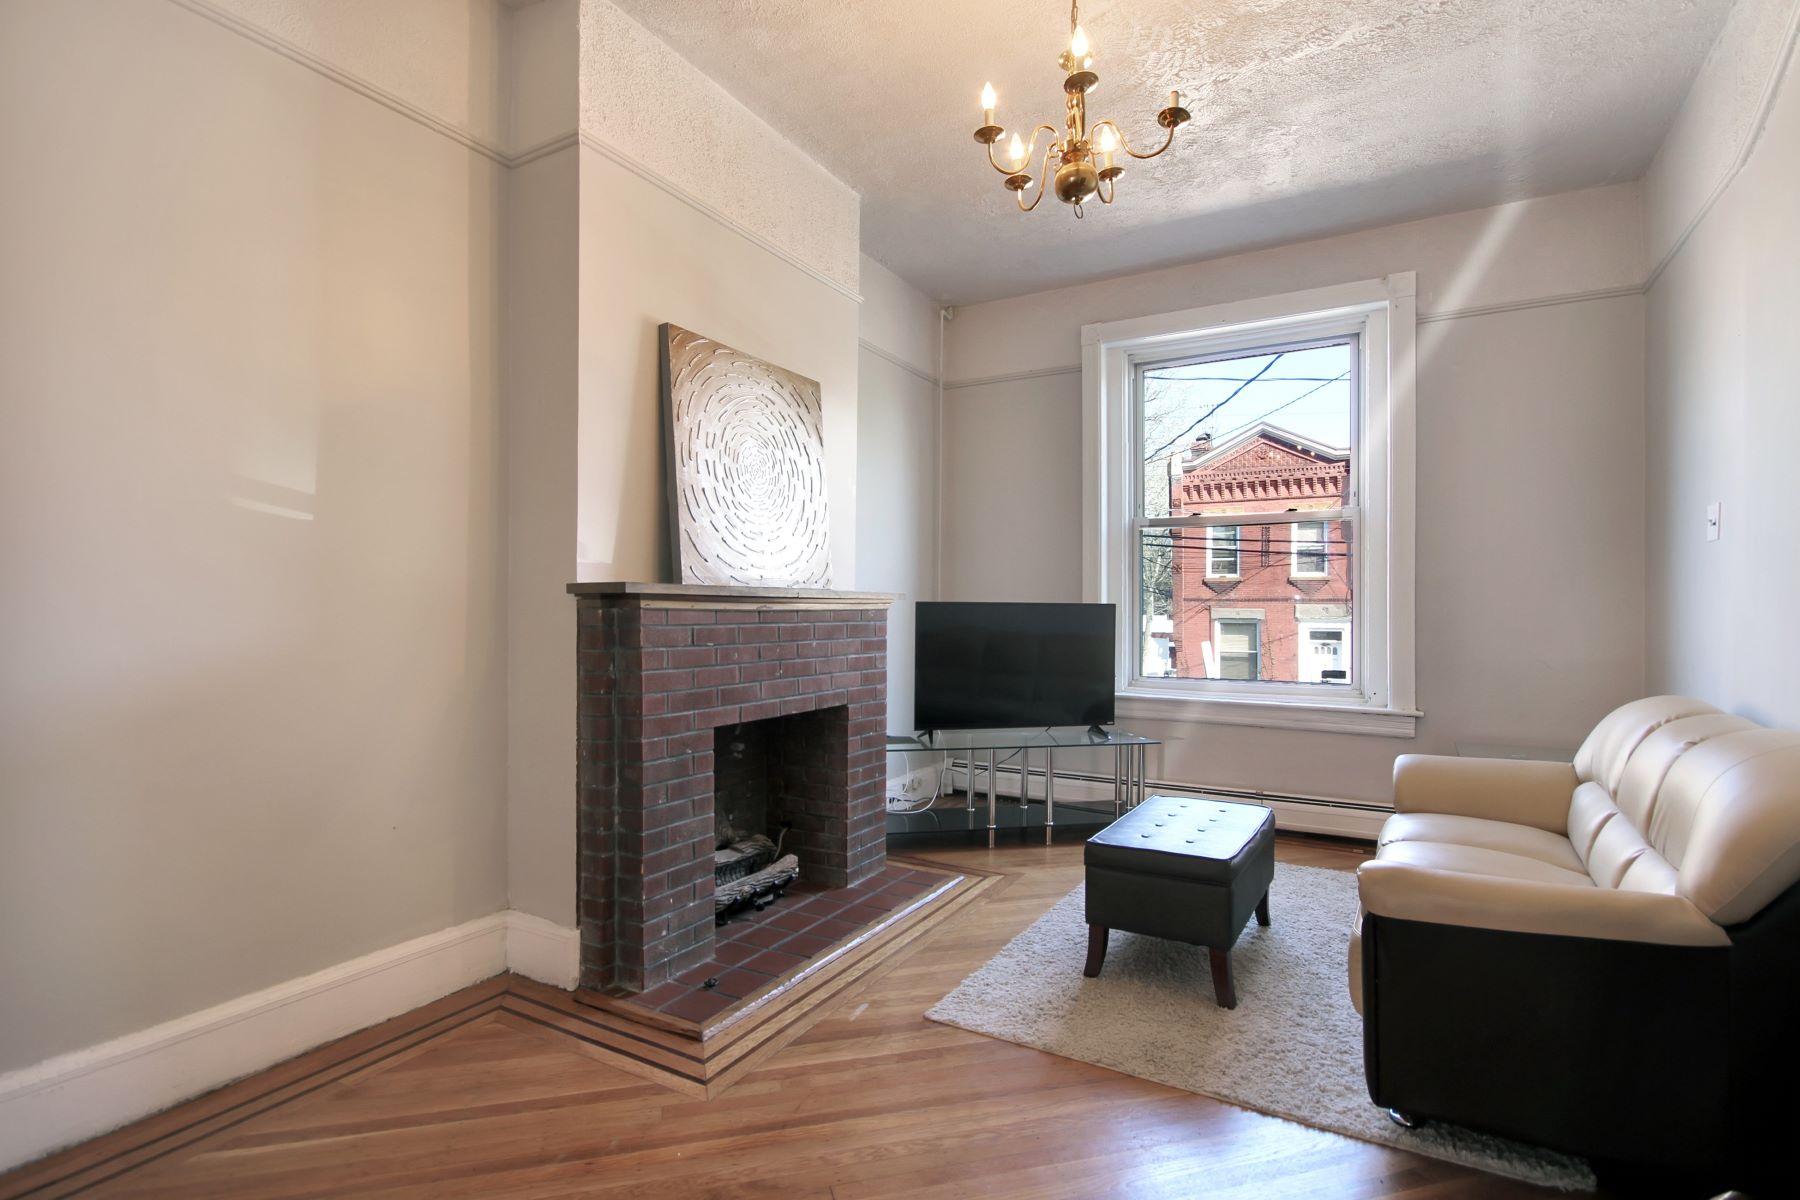 独户住宅 为 销售 在 Brick Row Home 41 Park Street 泽西城, 新泽西州 07304 美国